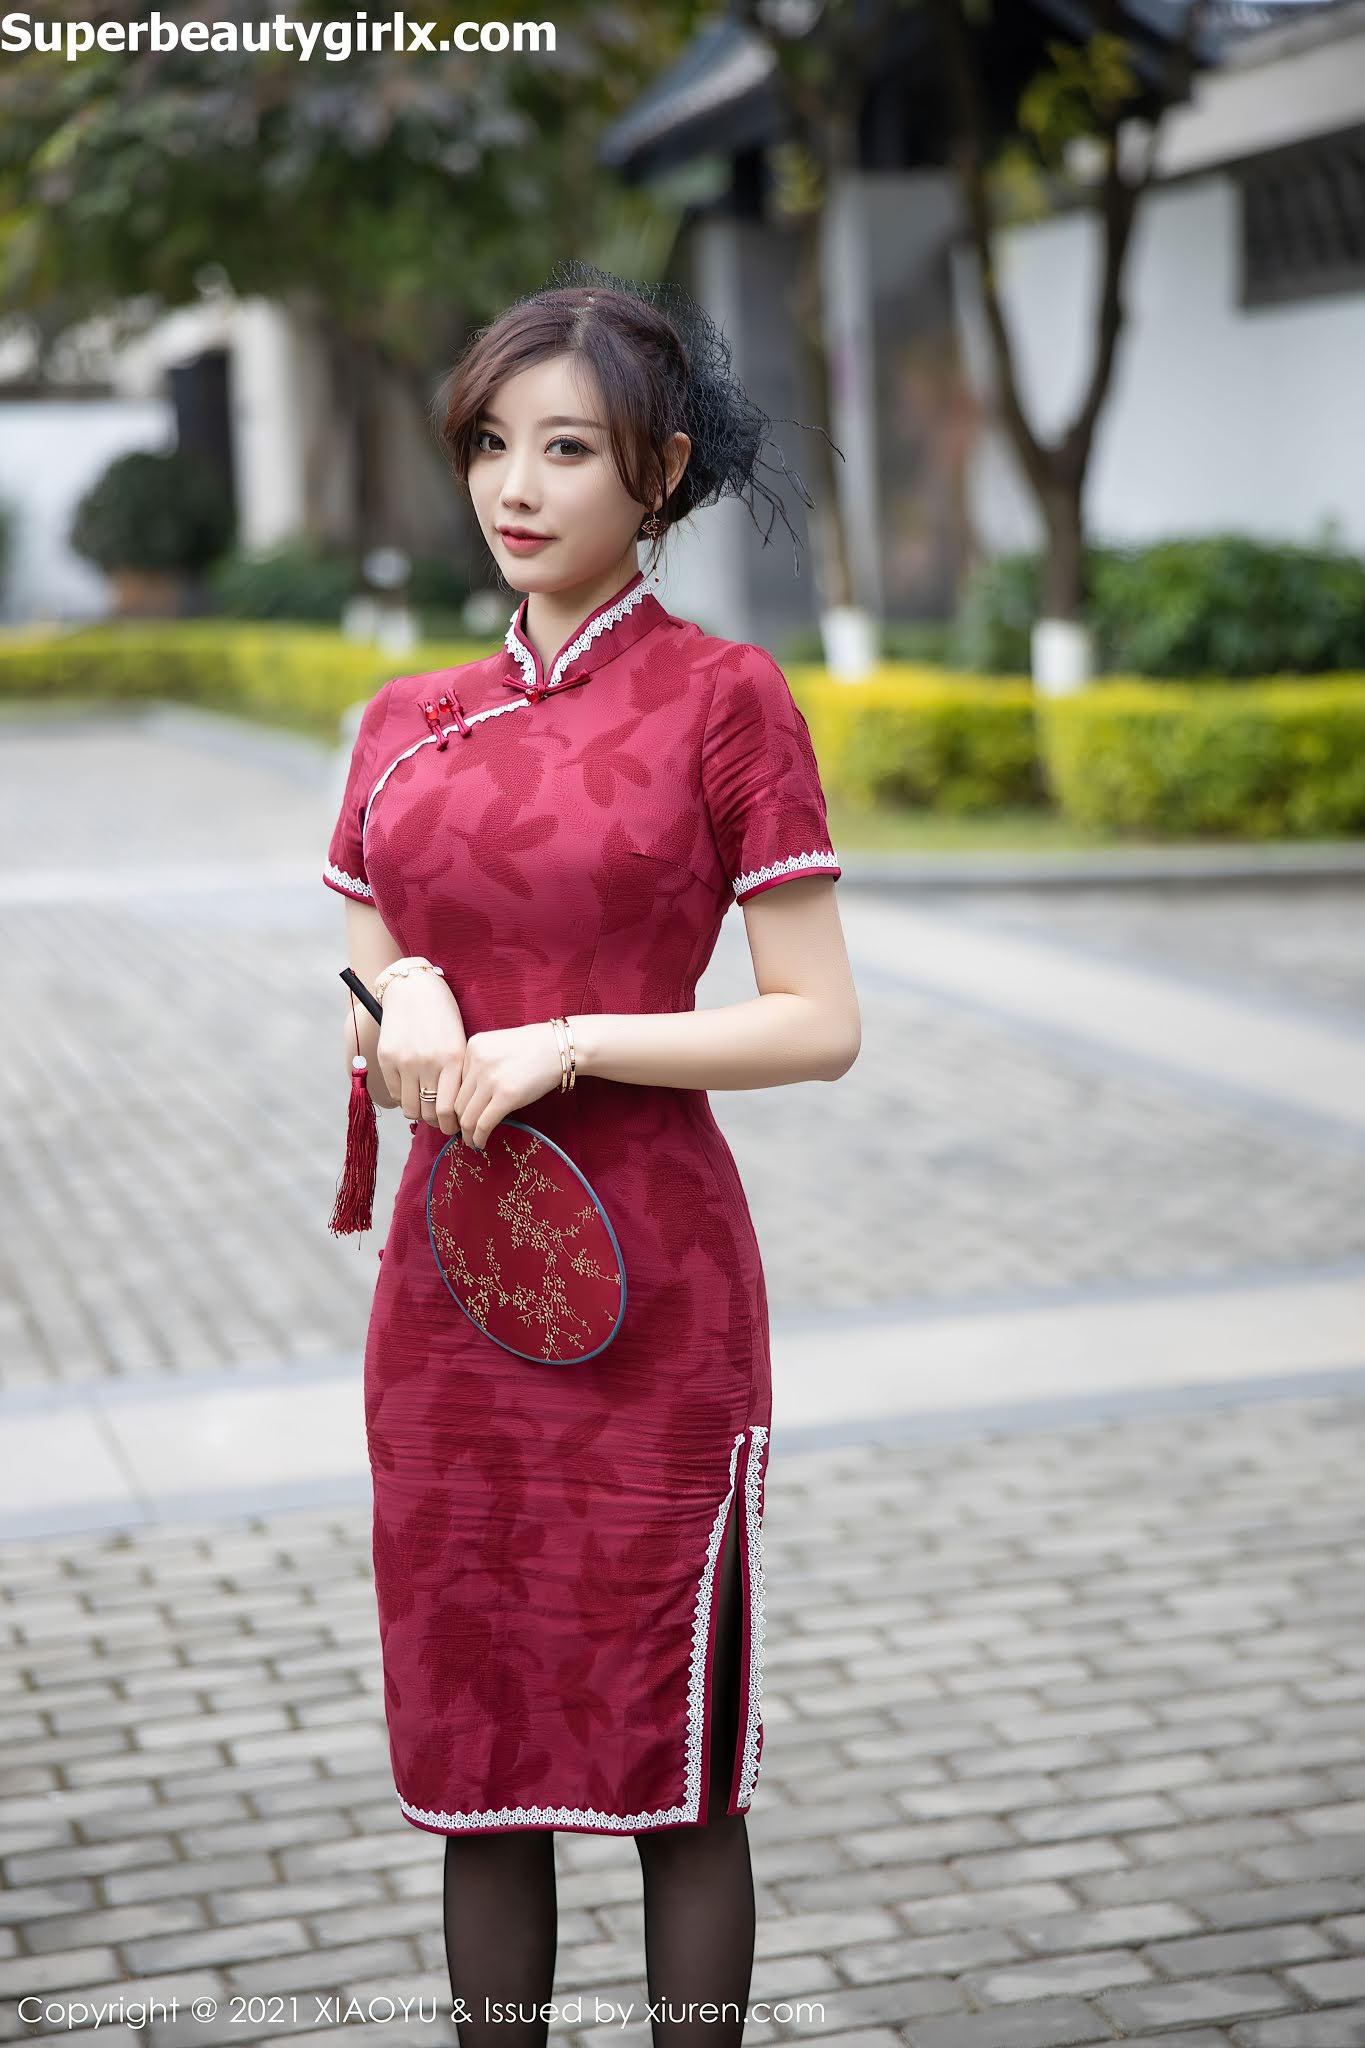 XiaoYu-Vol.515-Yang-Chen-Chen-sugar-Superbeautygirlx.com